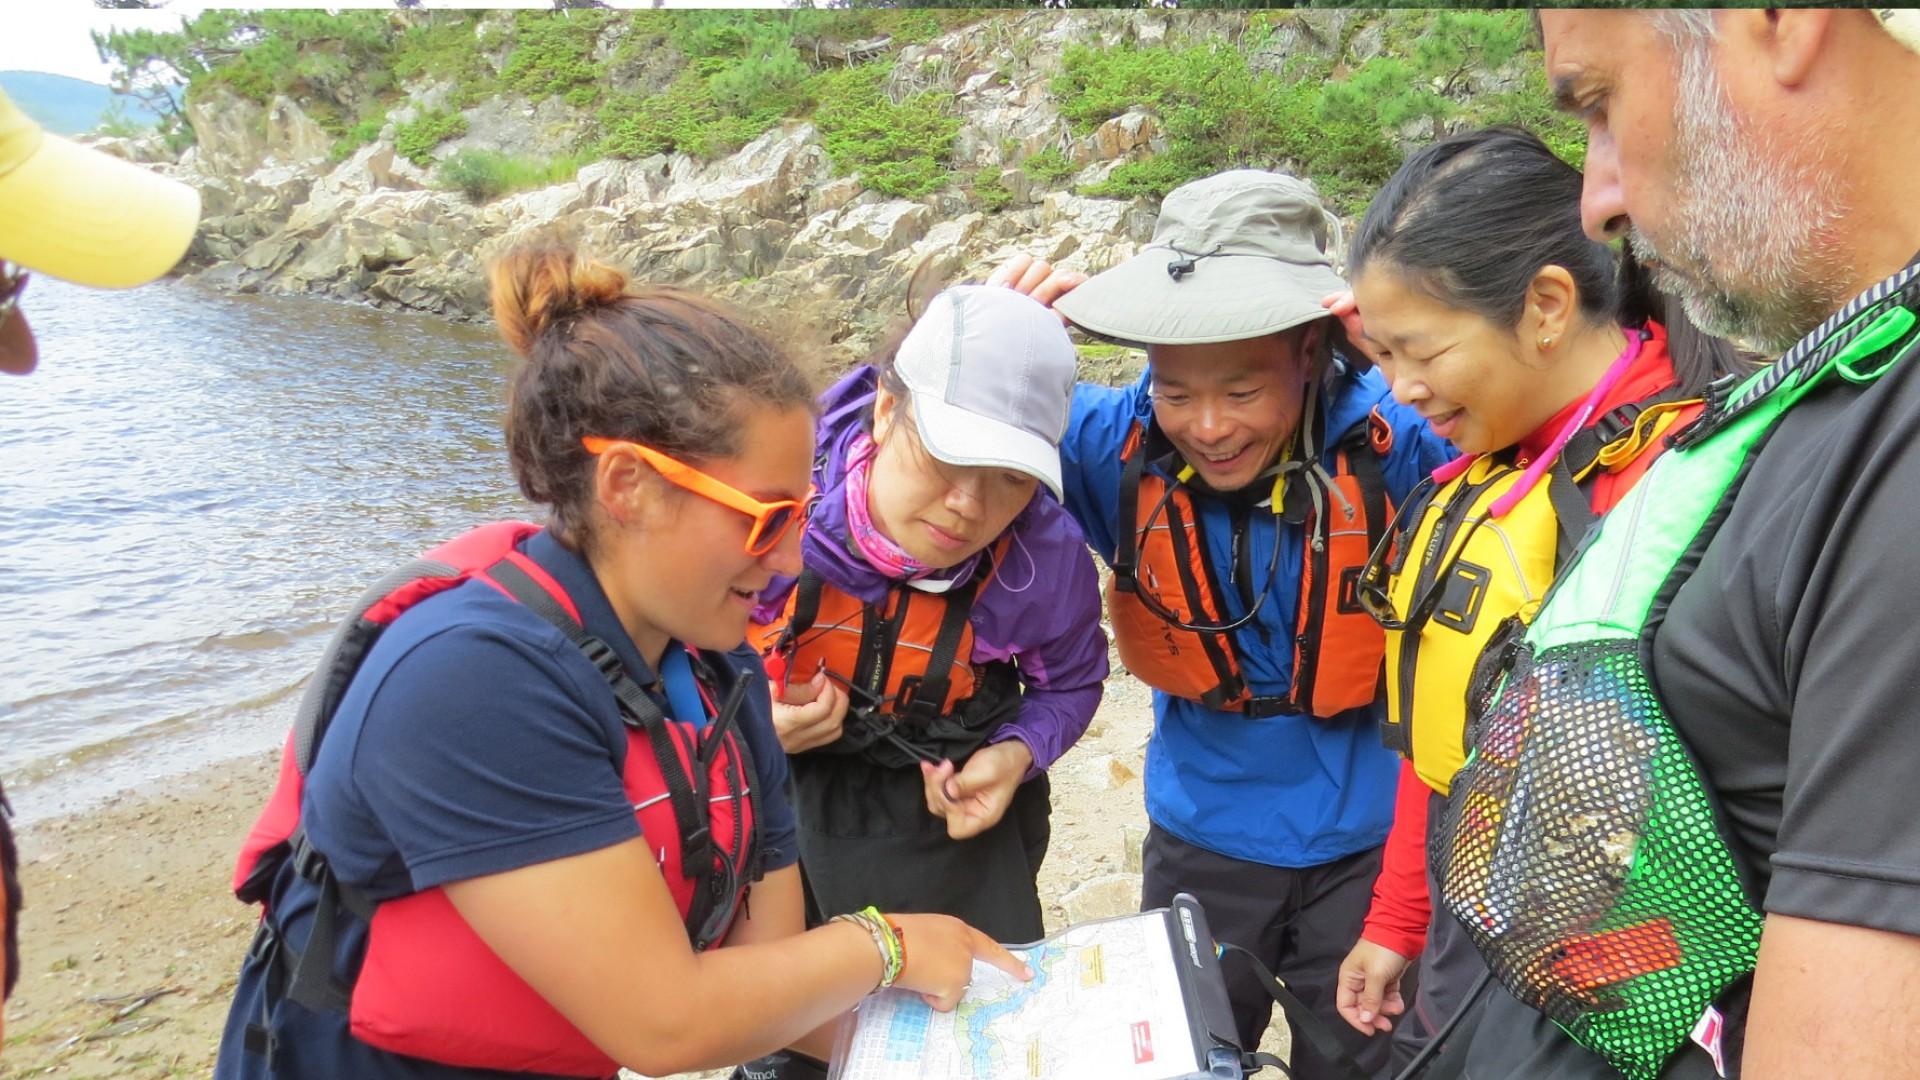 kayakers looking at a map